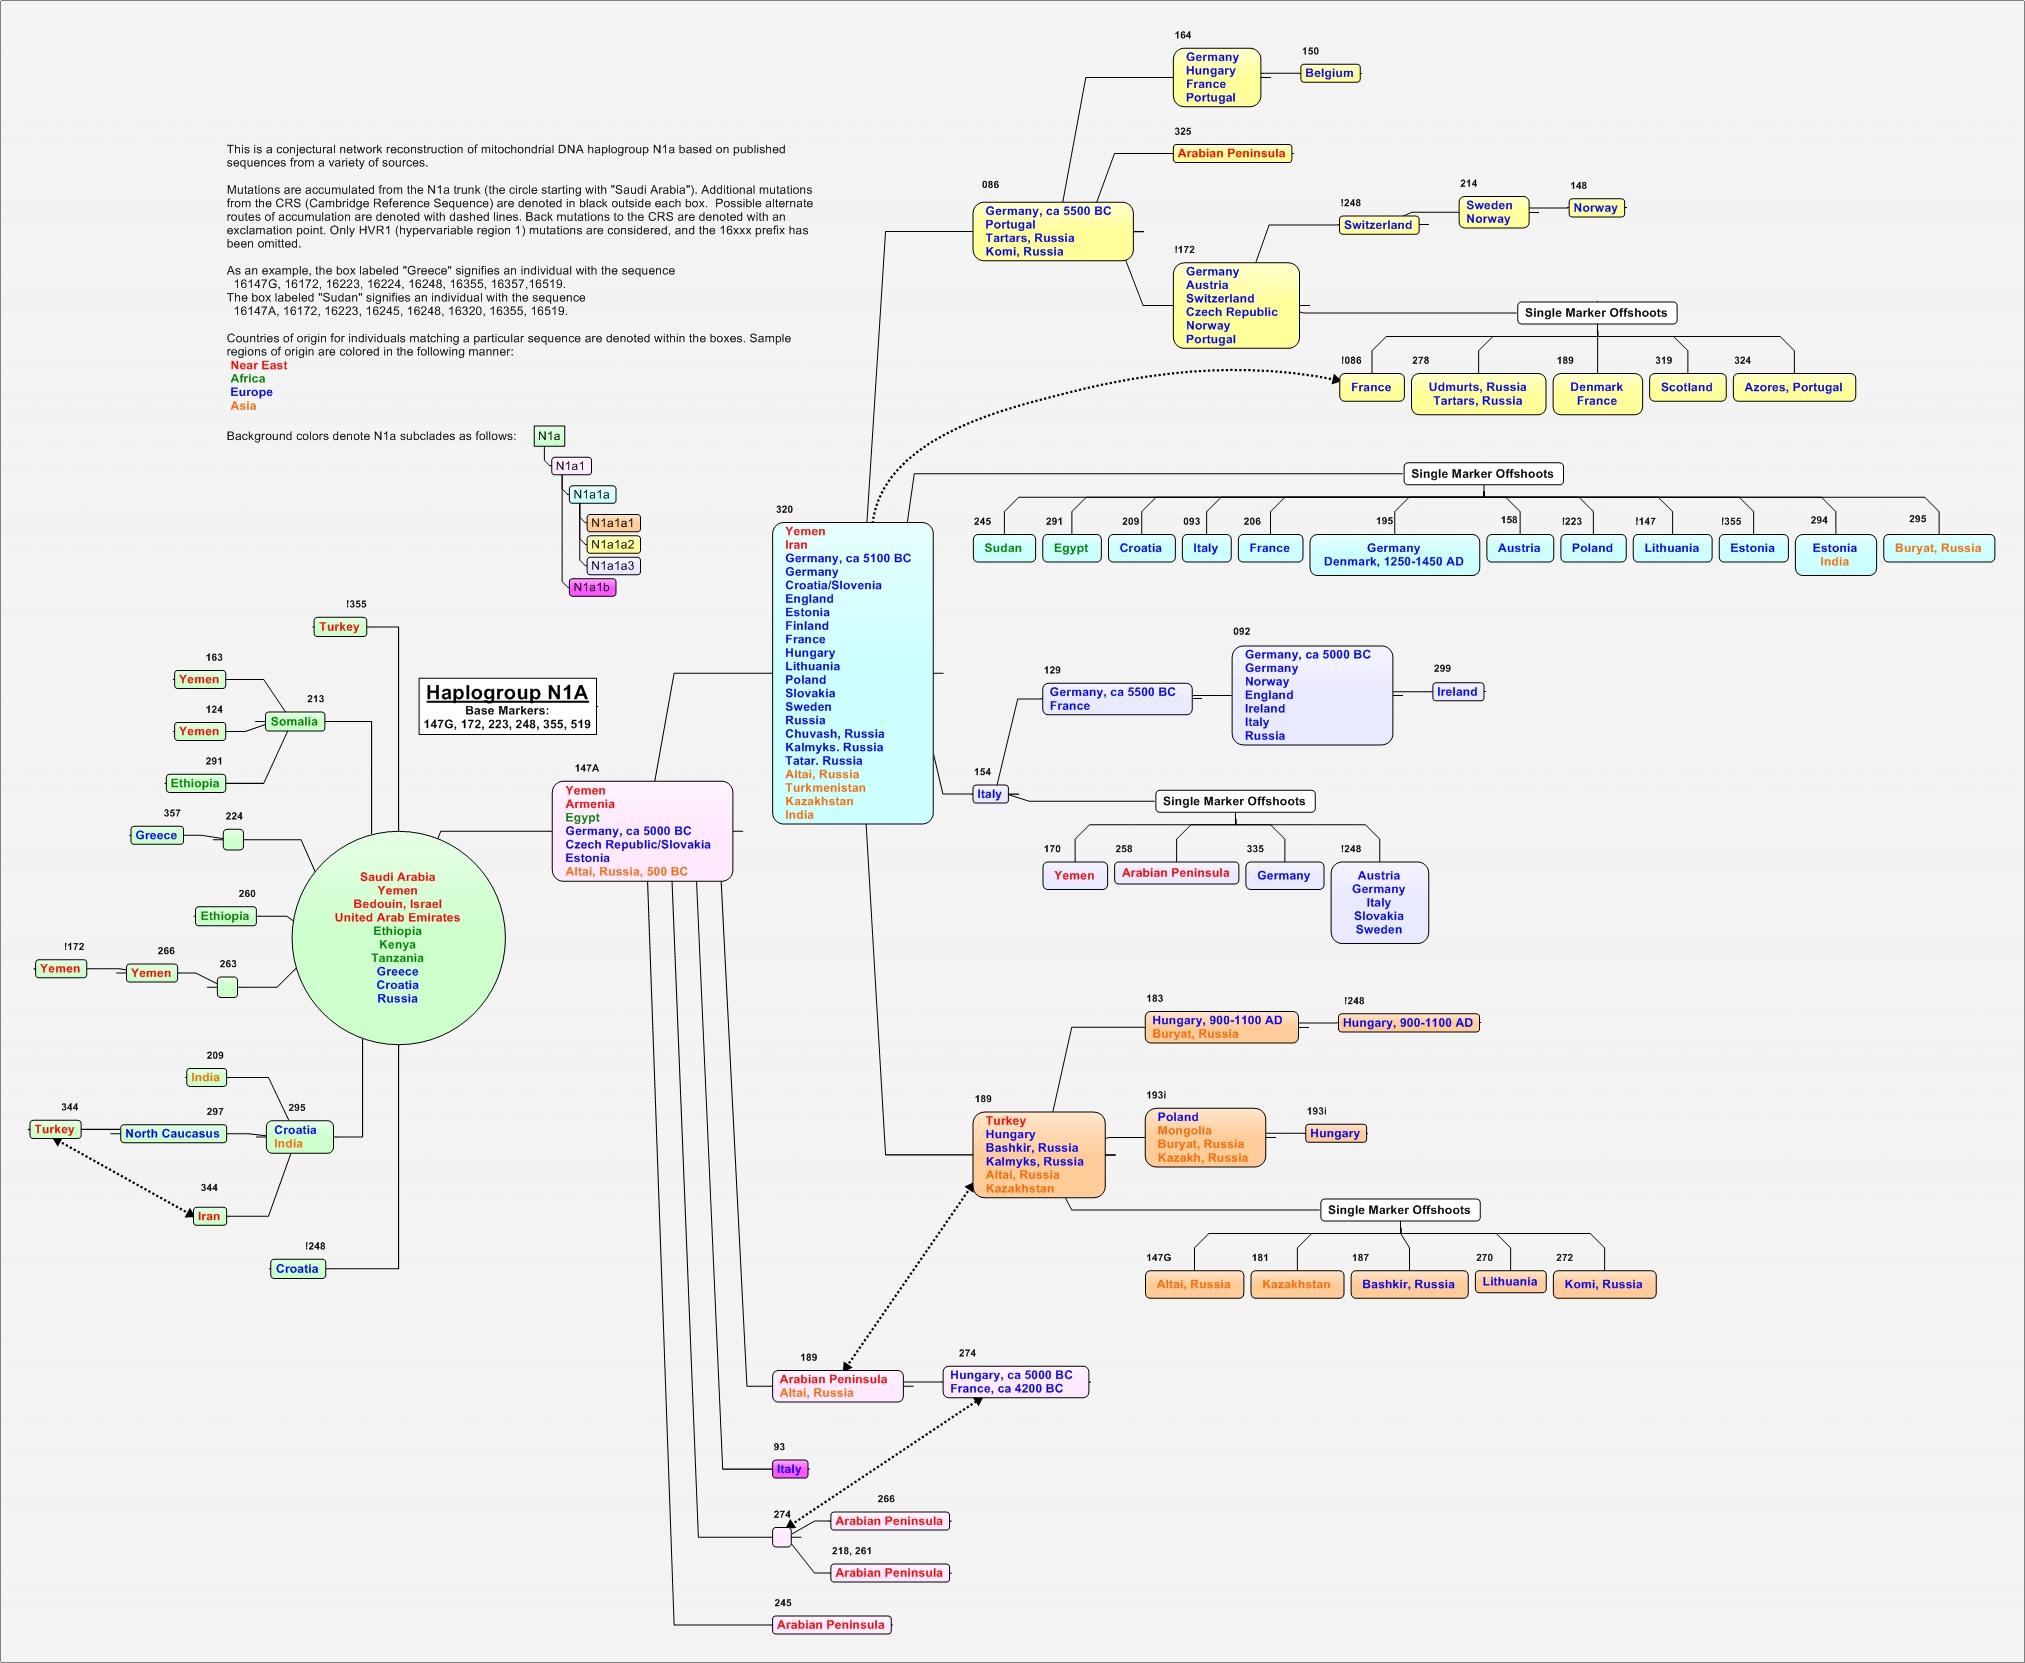 https://i1.wp.com/upload.wikimedia.org/wikipedia/commons/b/b6/N1a_Phylotree.jpg